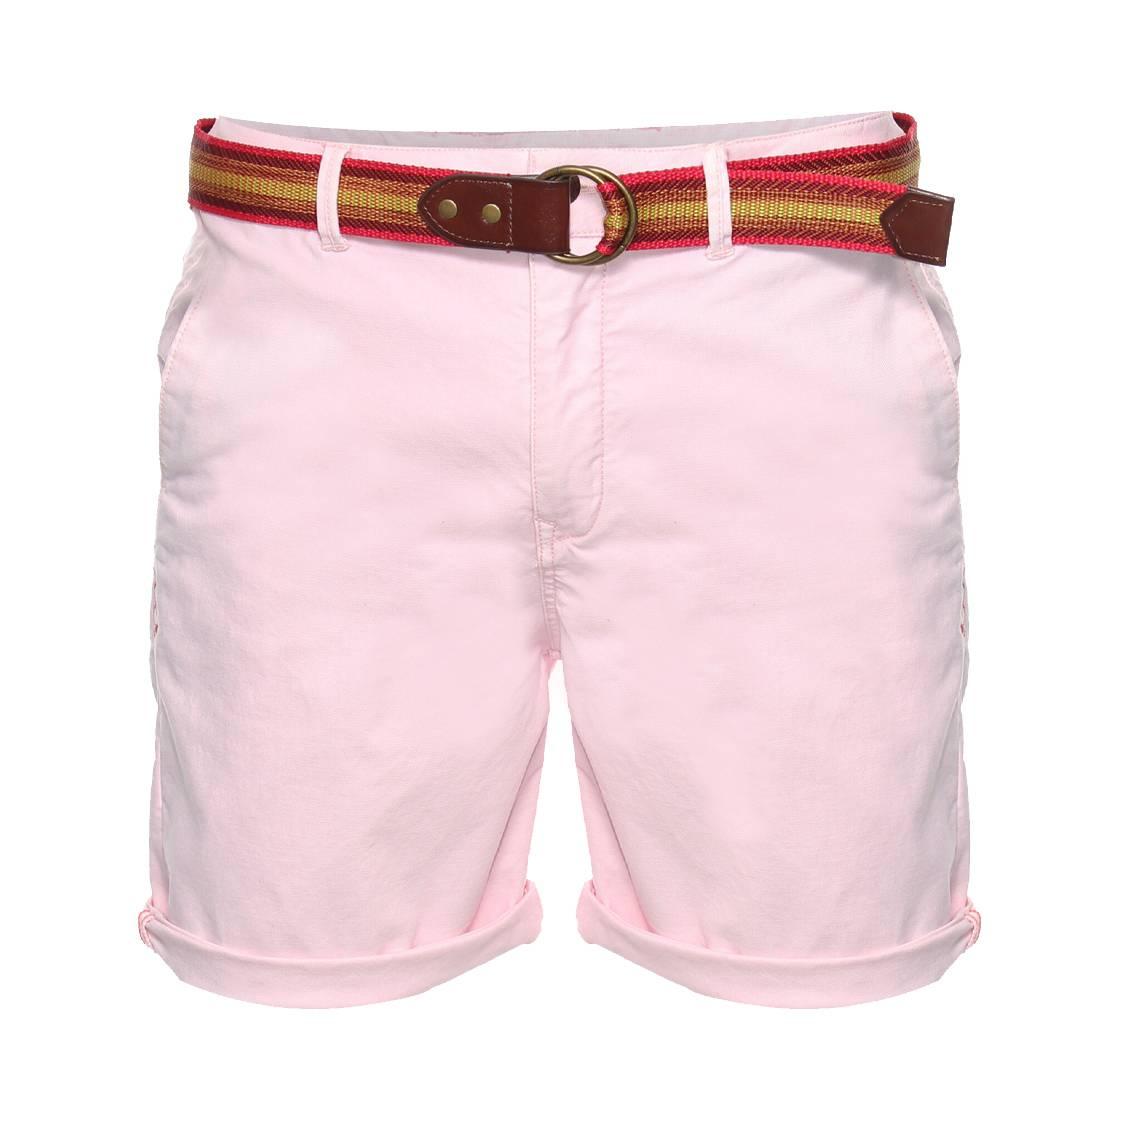 Short chino Scotch & Soda en coton stretch rose pâle à ceinture en toile